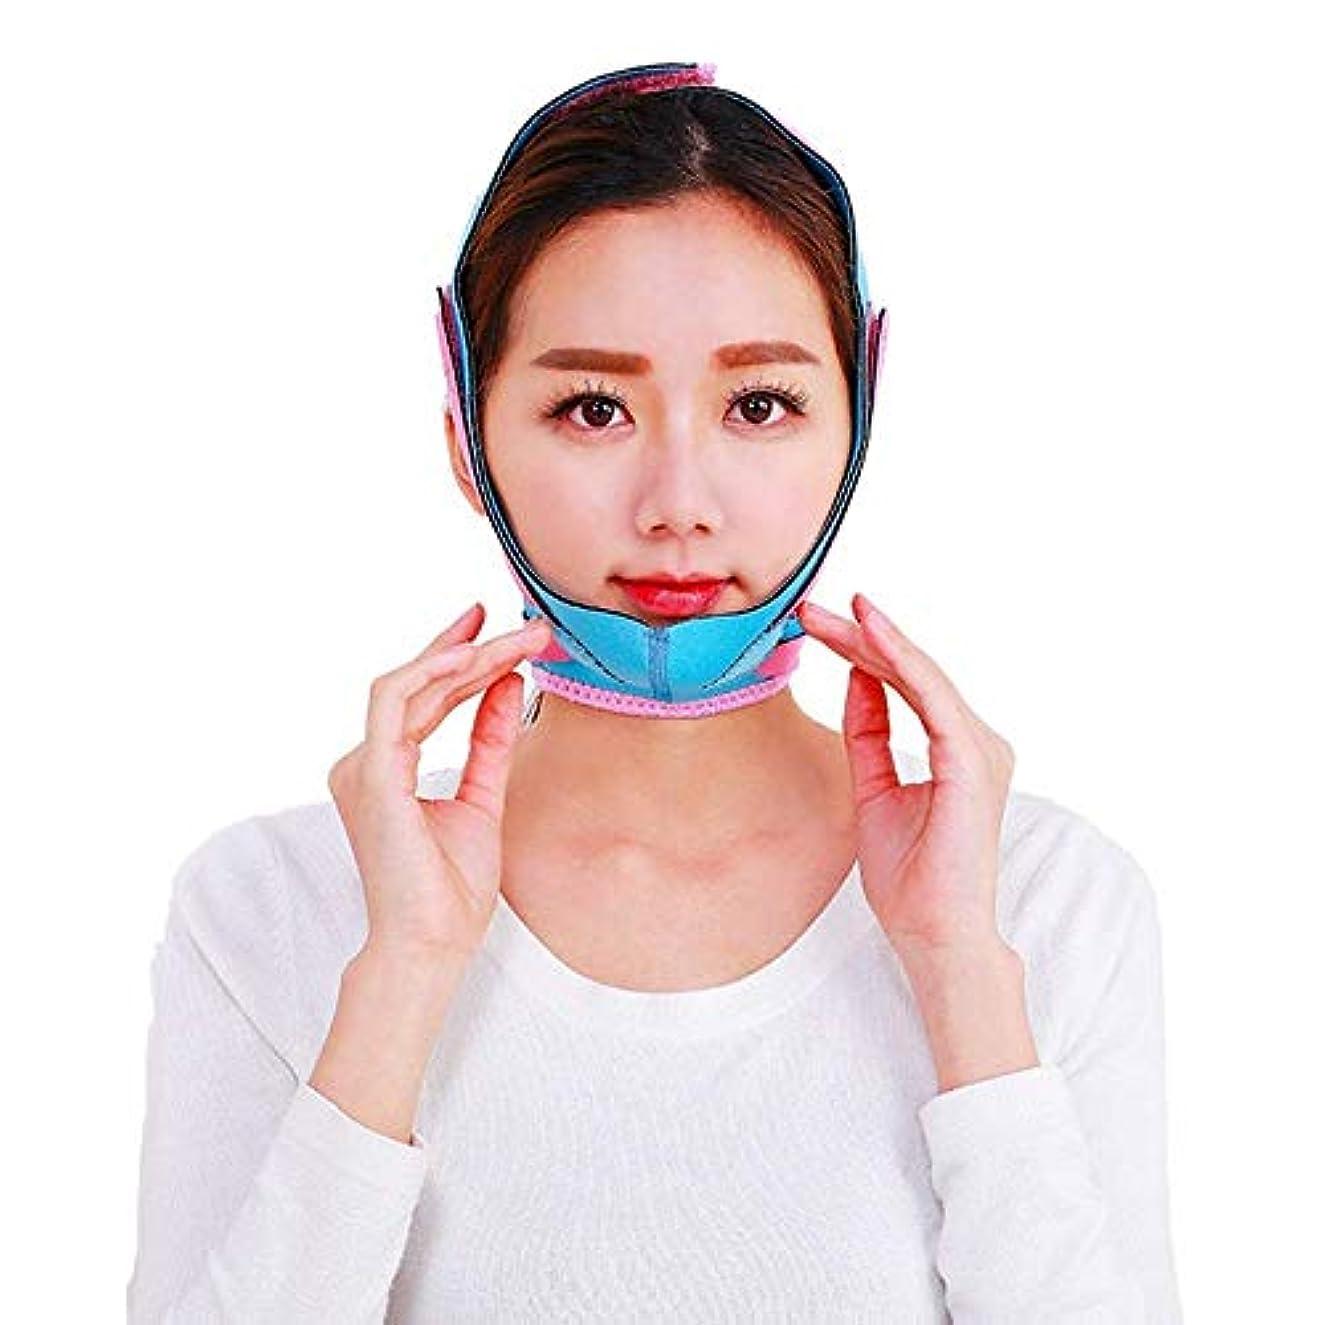 薄い面ベルト薄い面ベルト 面の包帯の前部持ち上がるマスクVの面薄い面の小さい持ち上がる道具